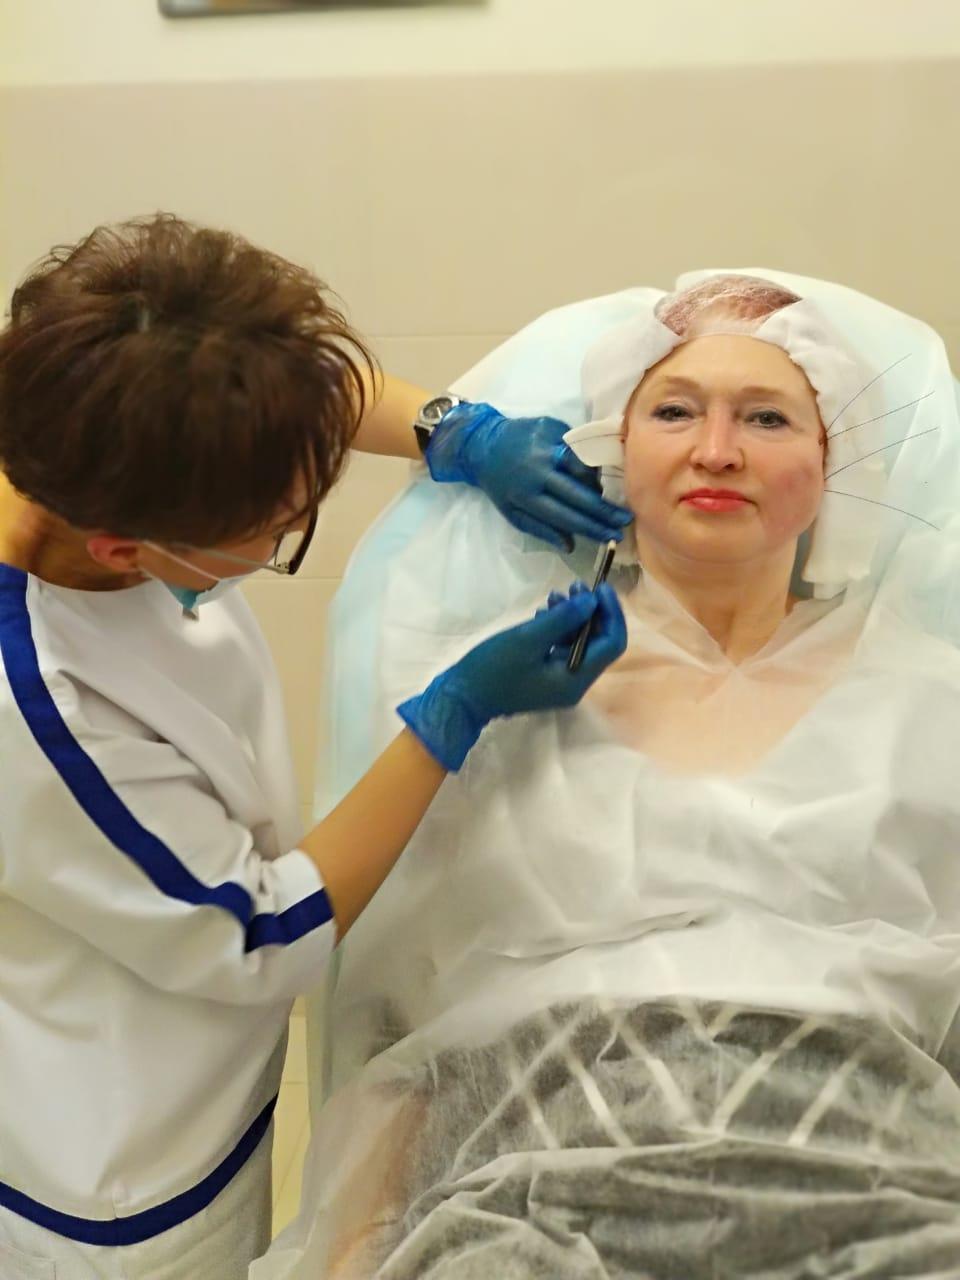 Каждая женщина в любом возрасте мечтает быть красивой и выглядеть привлекательно. Сейчас добиться потрясающих результатов омоложения можно при помощи современных методик. Процедуры омоложения разнообразны, выбор будет зависеть от индивидуальных показаний и желаемых итоговых результатов. Нитевой лифтинг — одна из популярных и востребованных косметологических процедур.